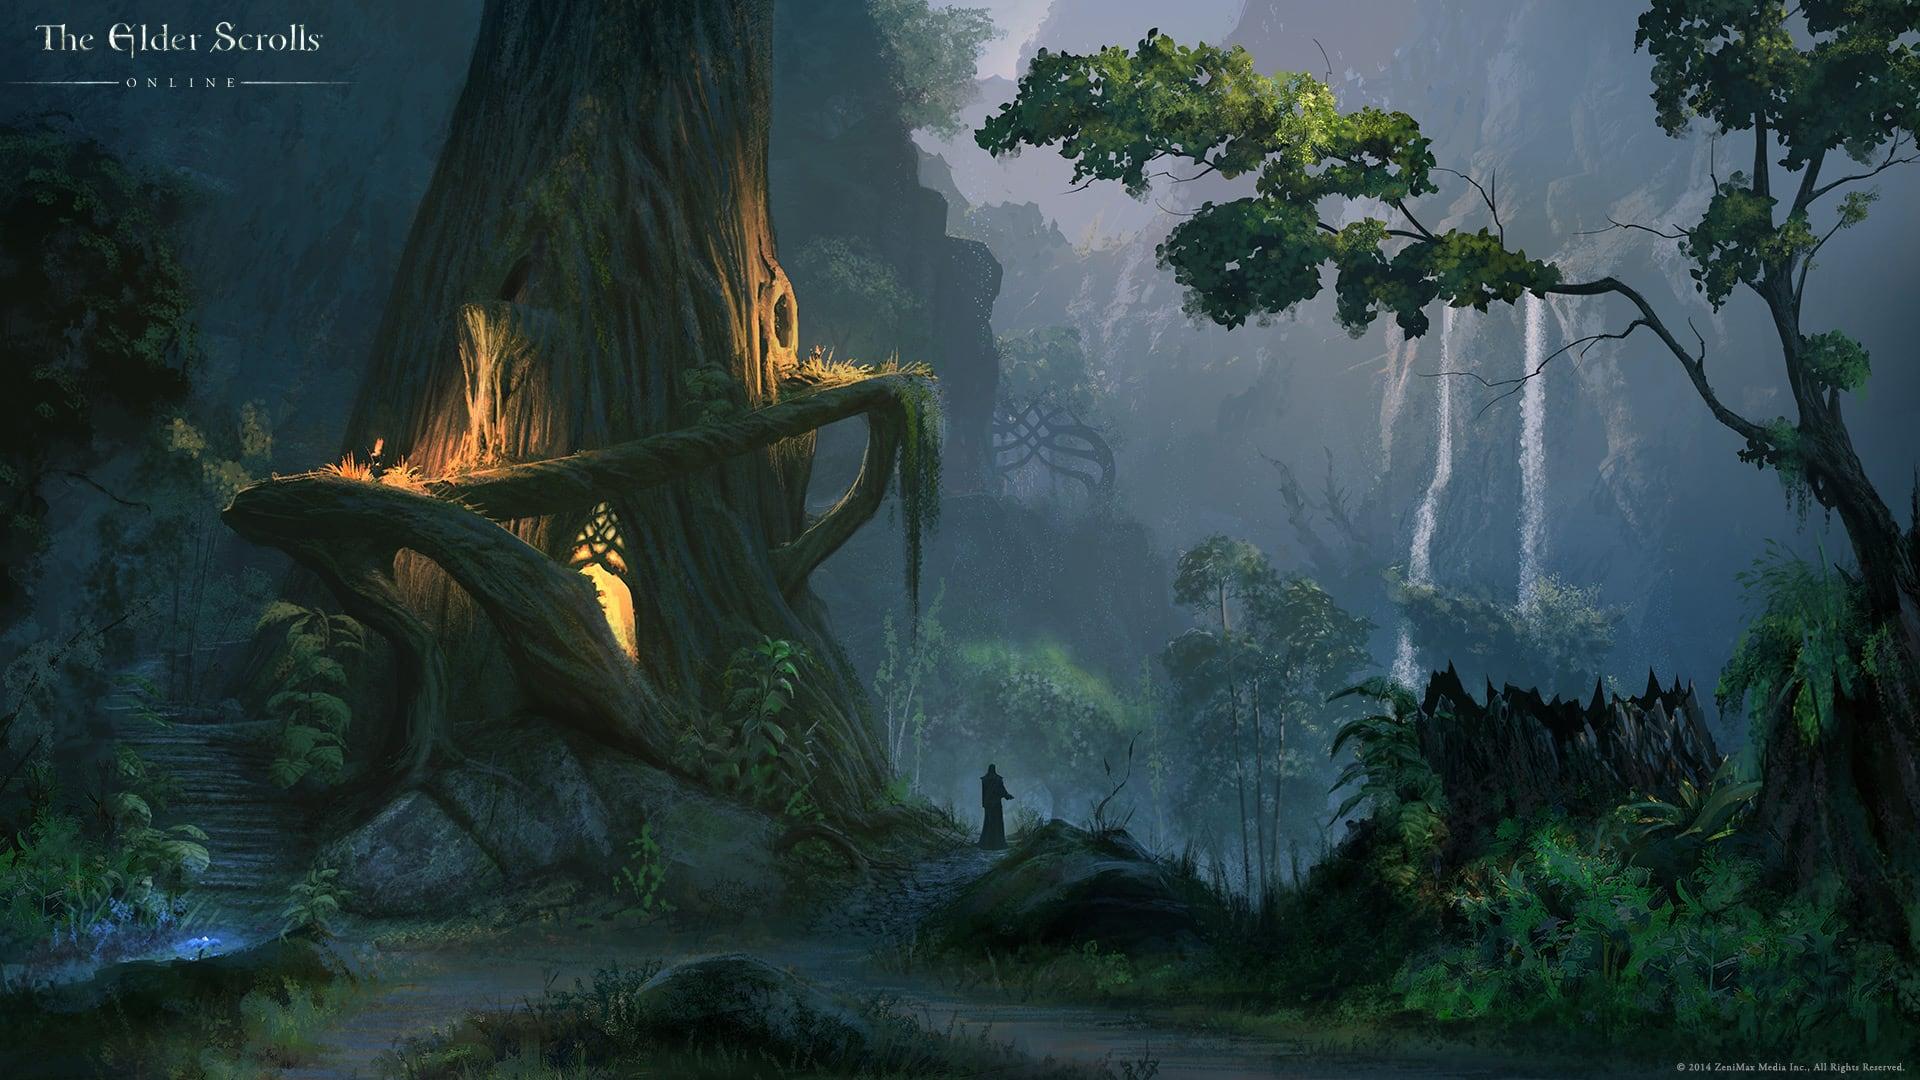 Whiterun  Elder Scrolls  FANDOM powered by Wikia